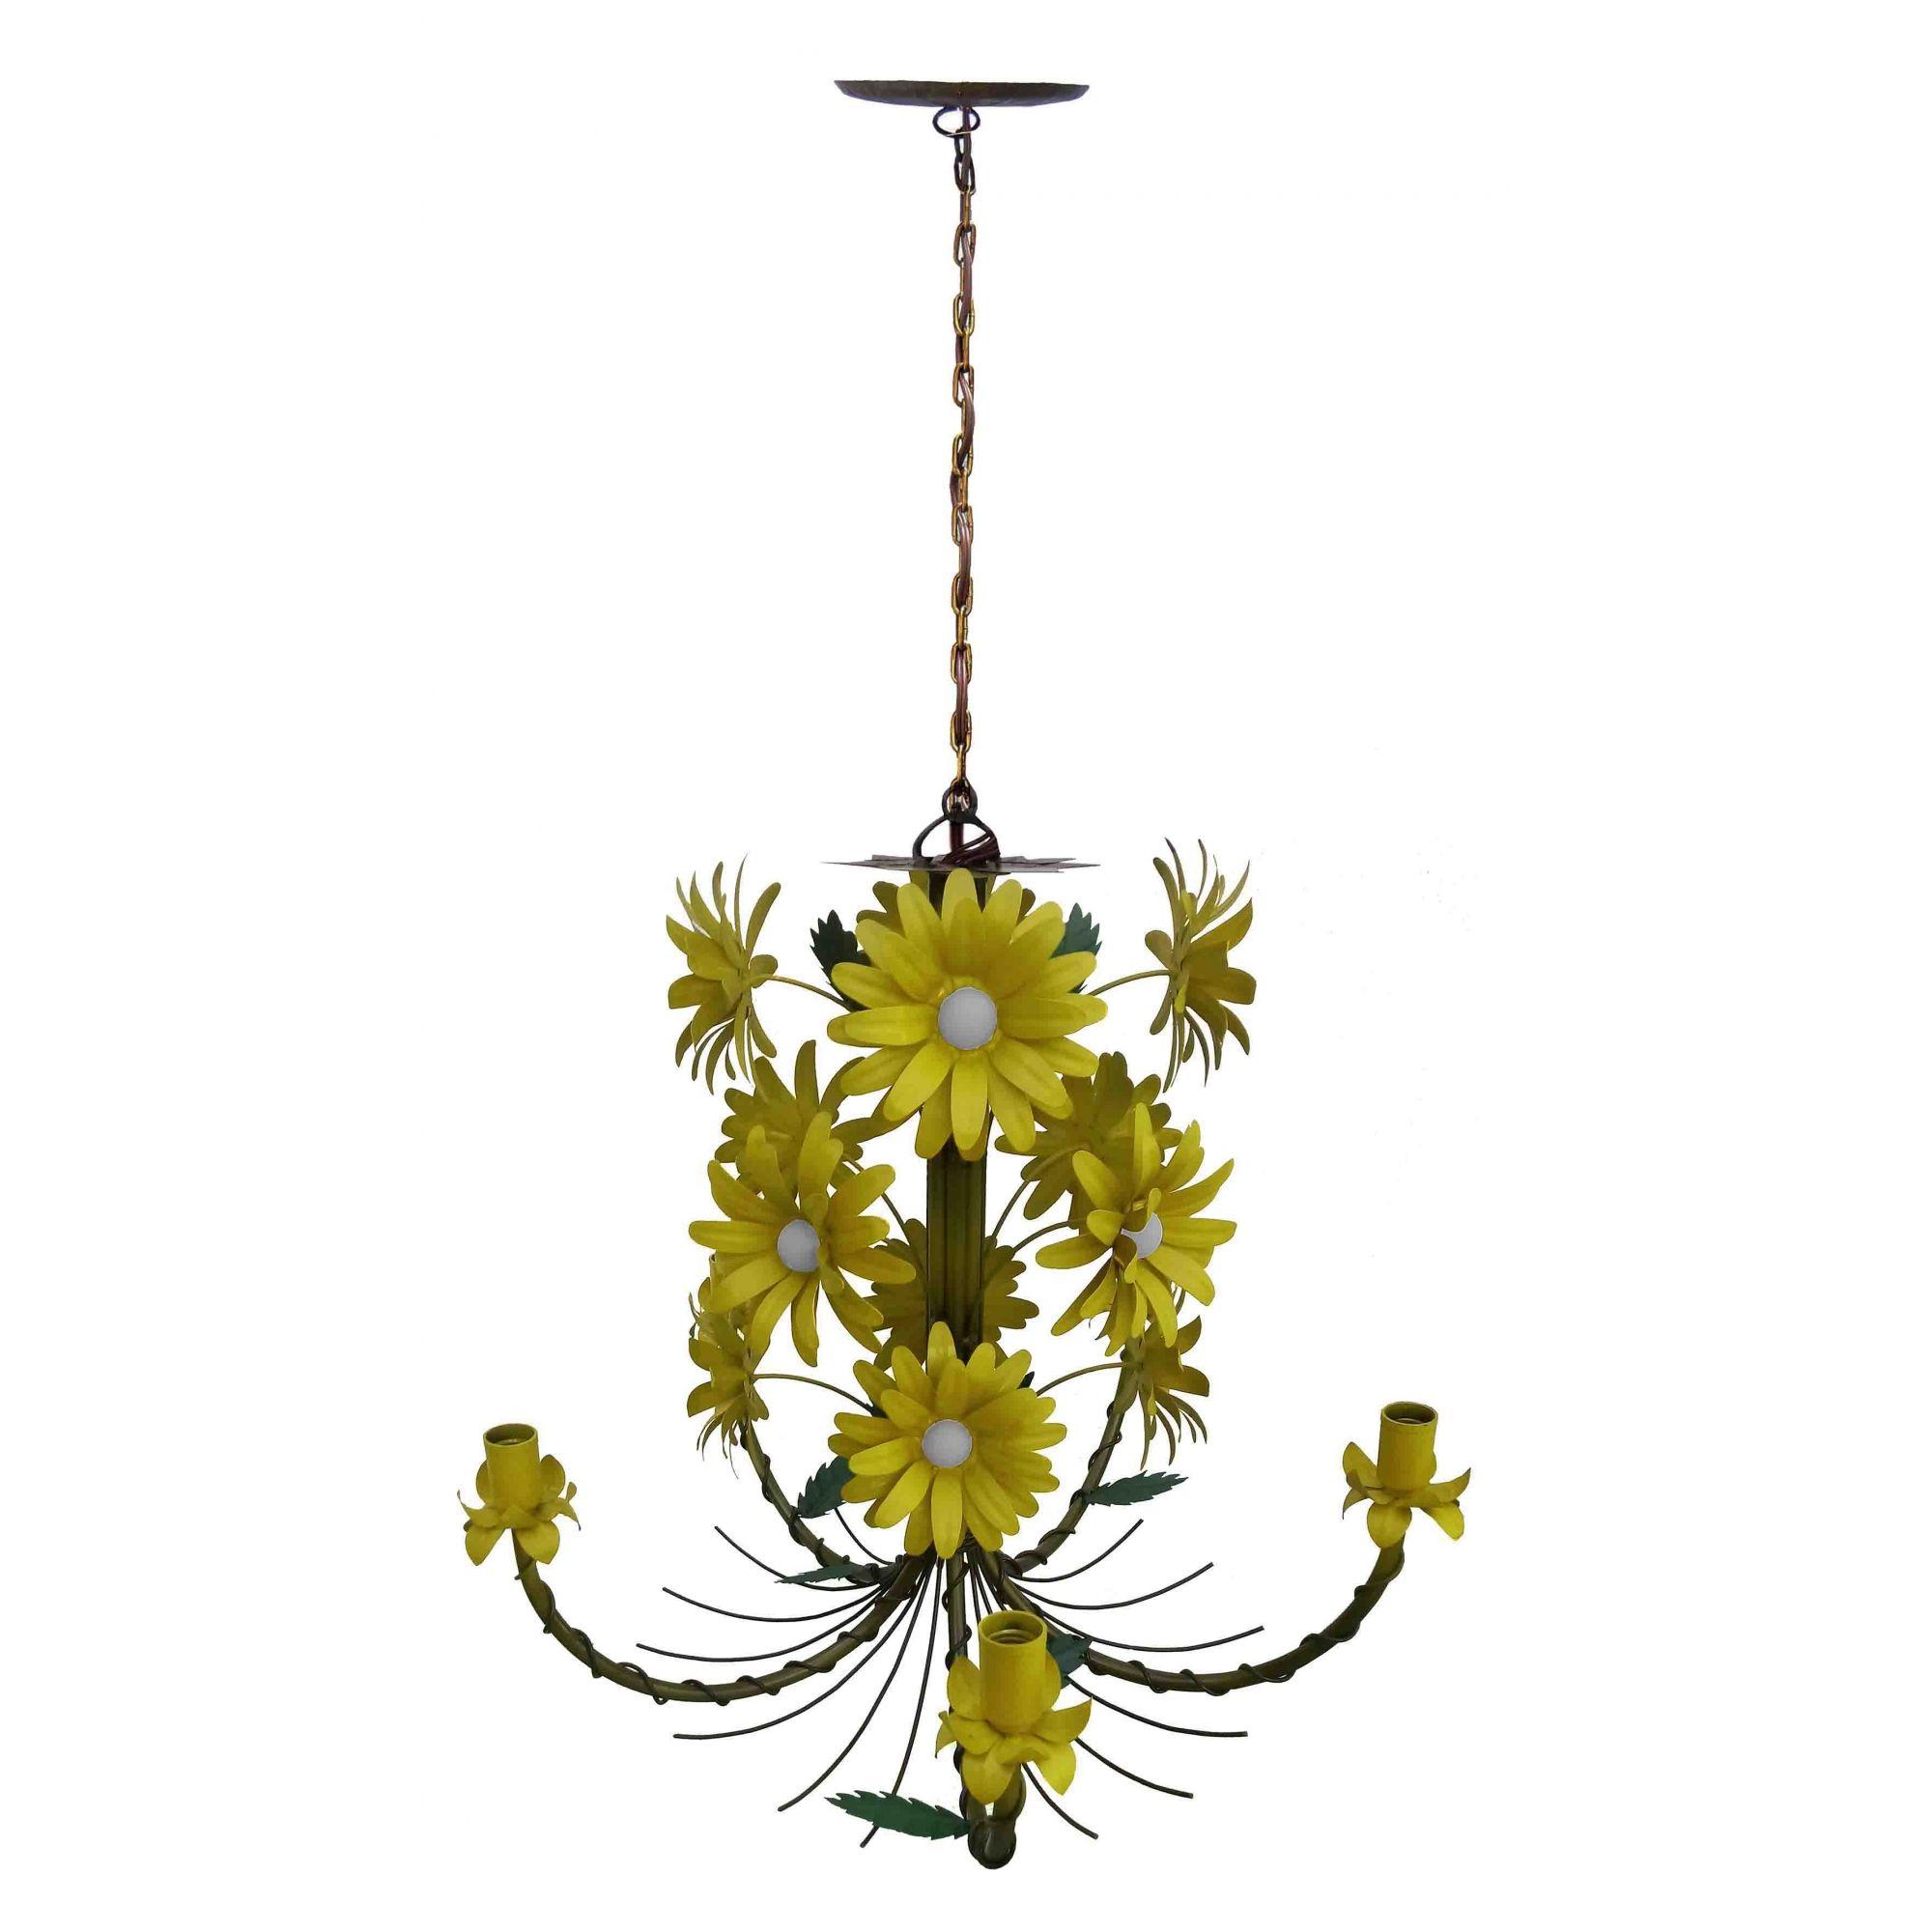 Lustre Artesanal Sala de Jantar Rustico com Flores de Ferro 05 Bocas